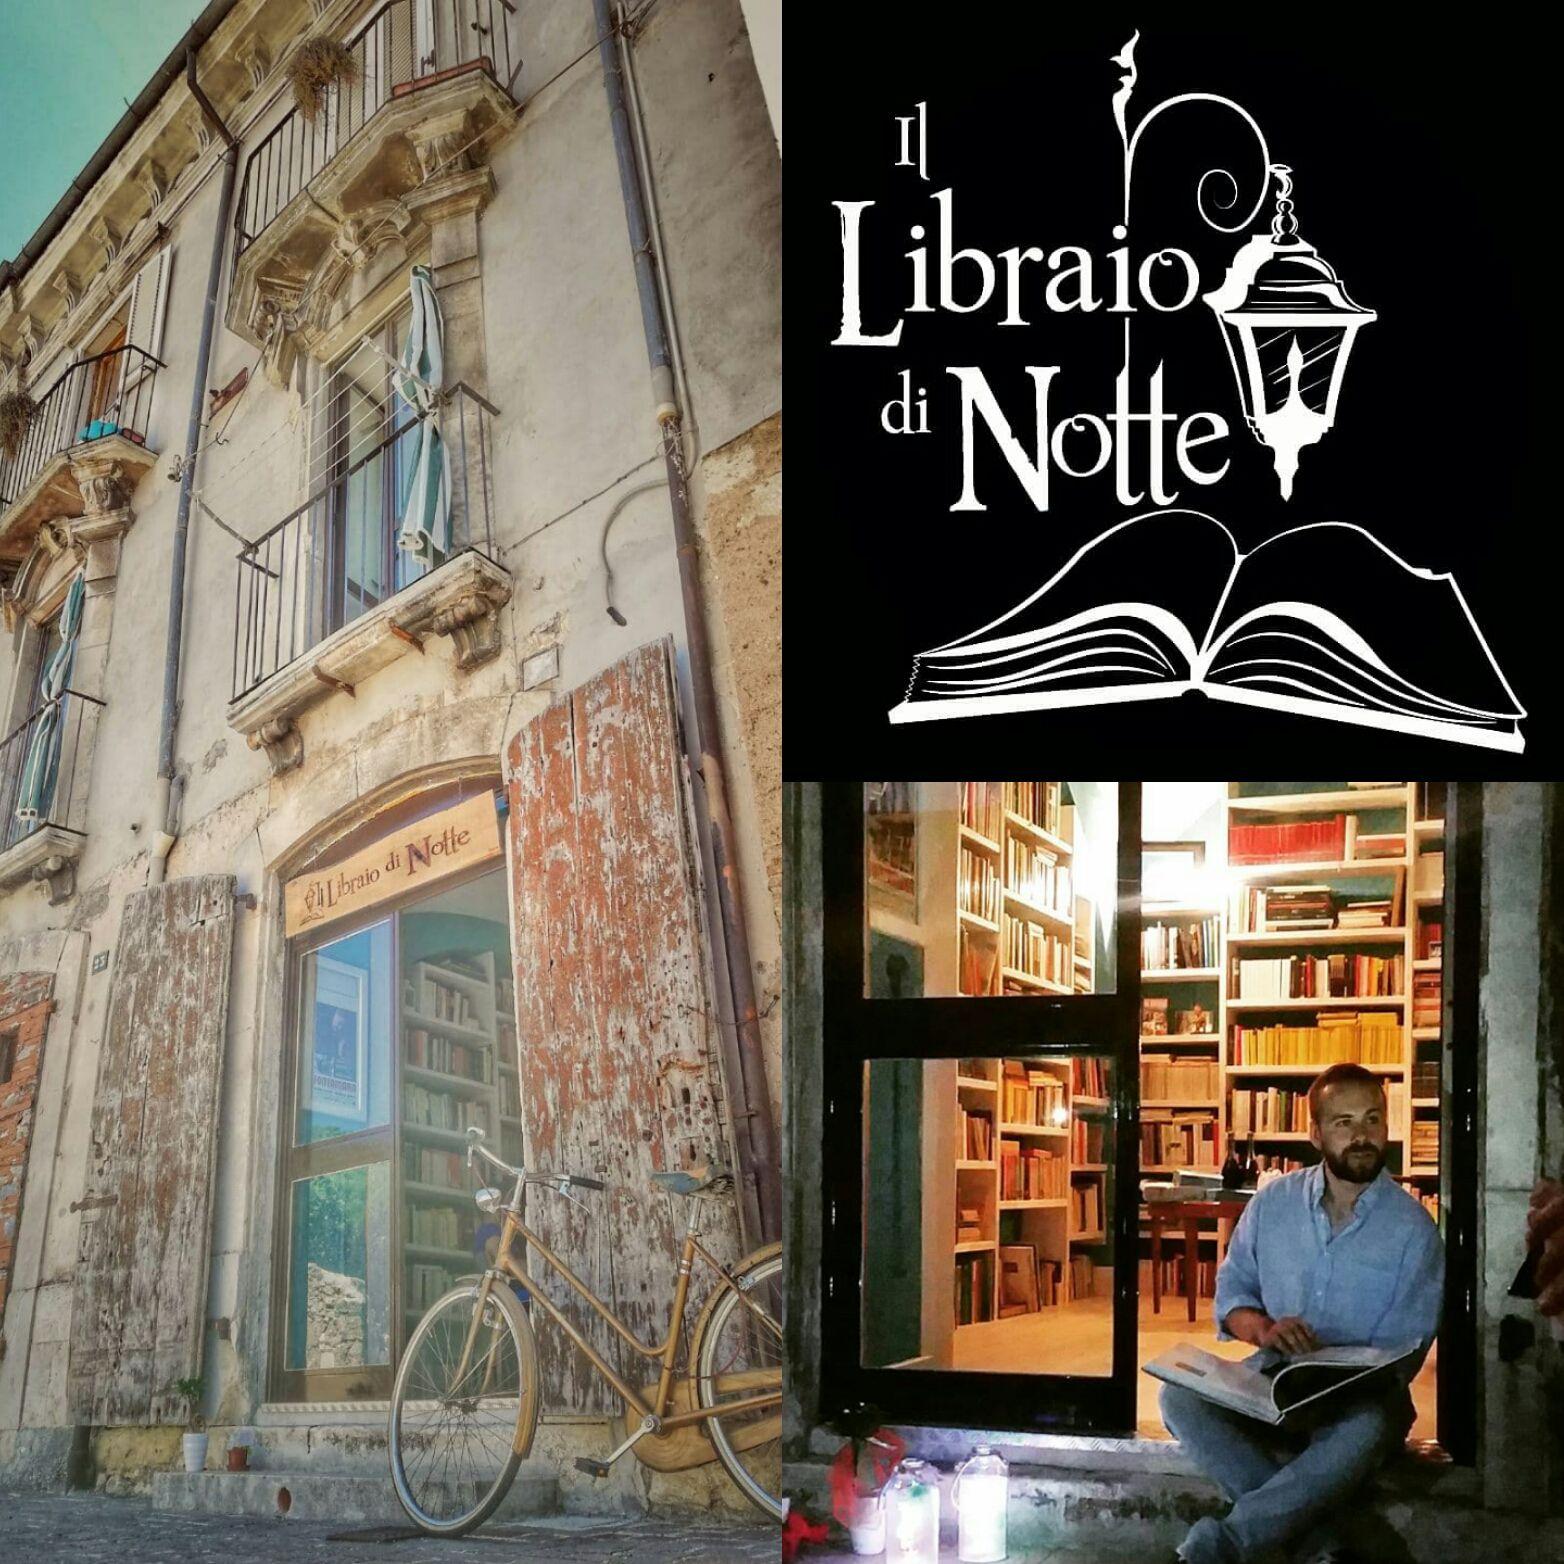 """""""Il Libraio di notte"""" di Popoli, con Paolo Fiorucci tra montagne e libri rari nell'Abruzzo magico"""